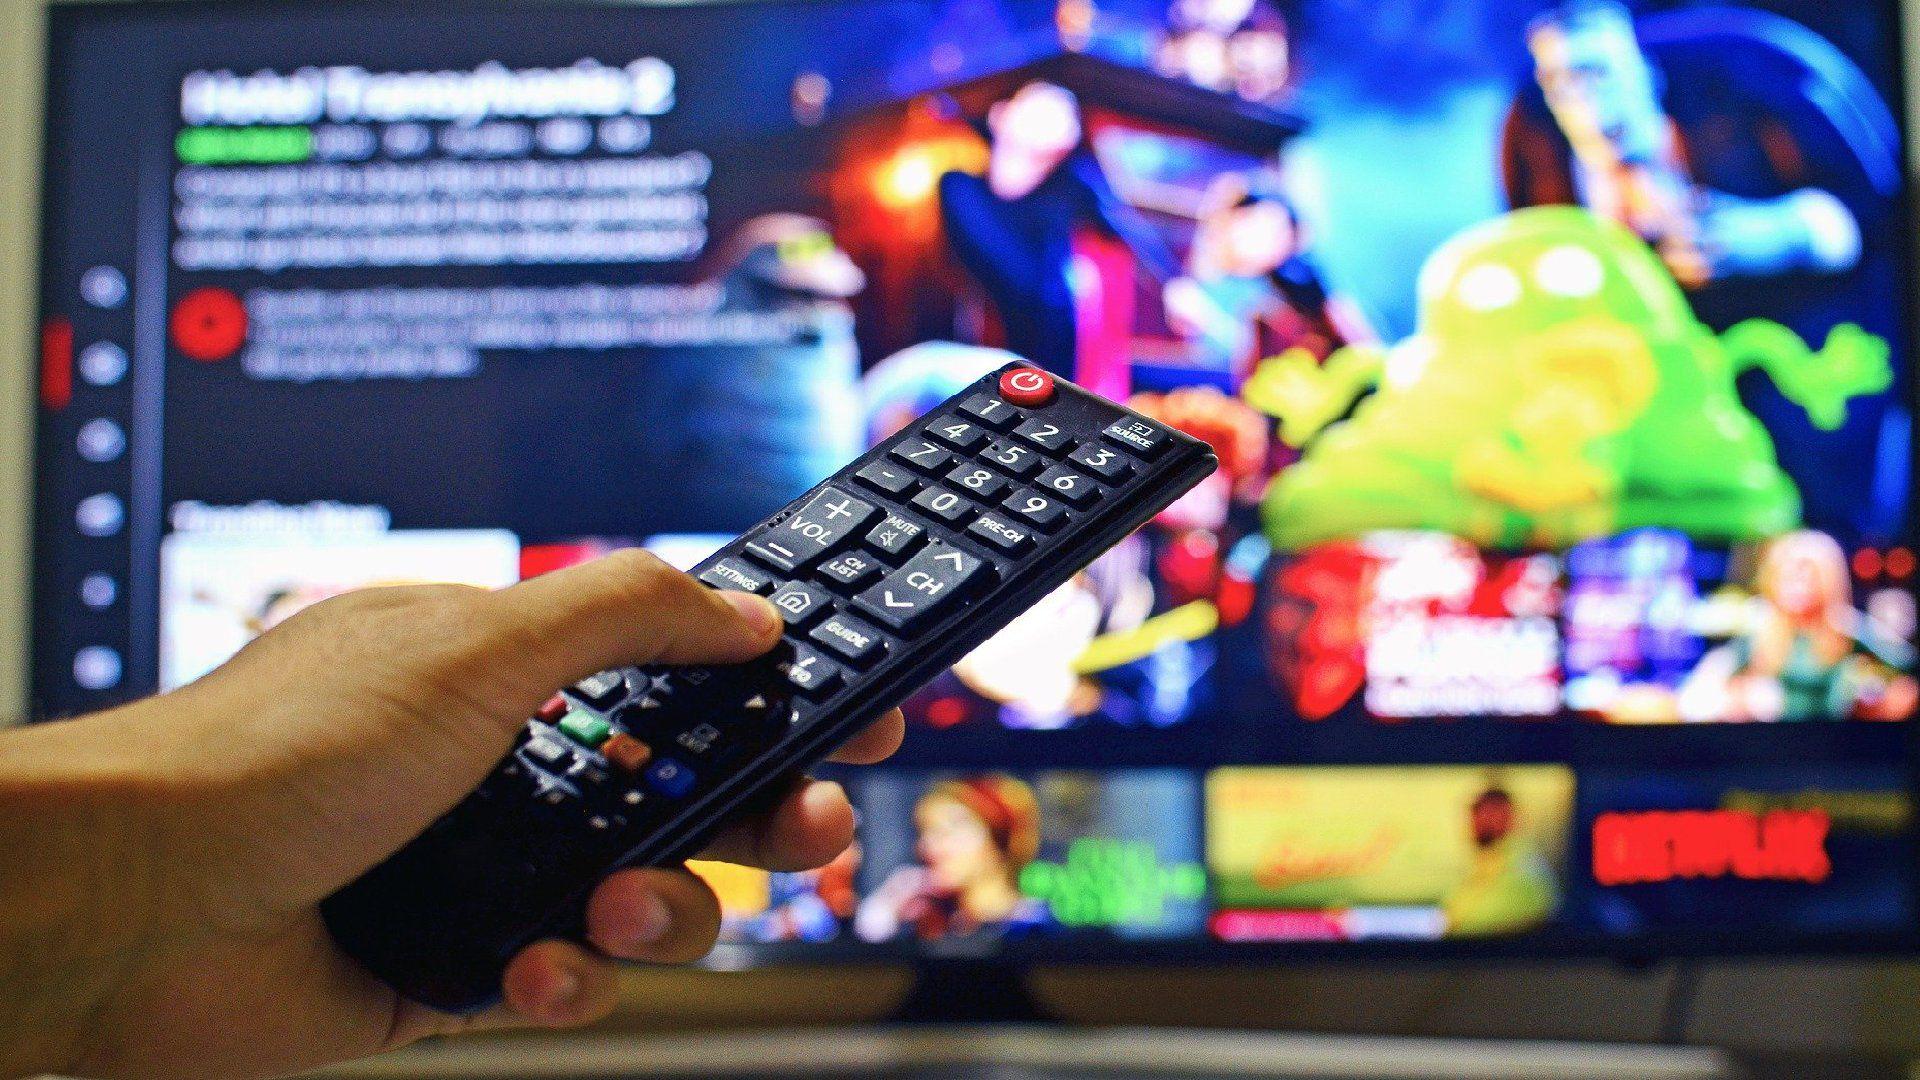 Netflix anunció que bajaría el bitrate para no sobrecargar la red. (Foto: Pixabay)